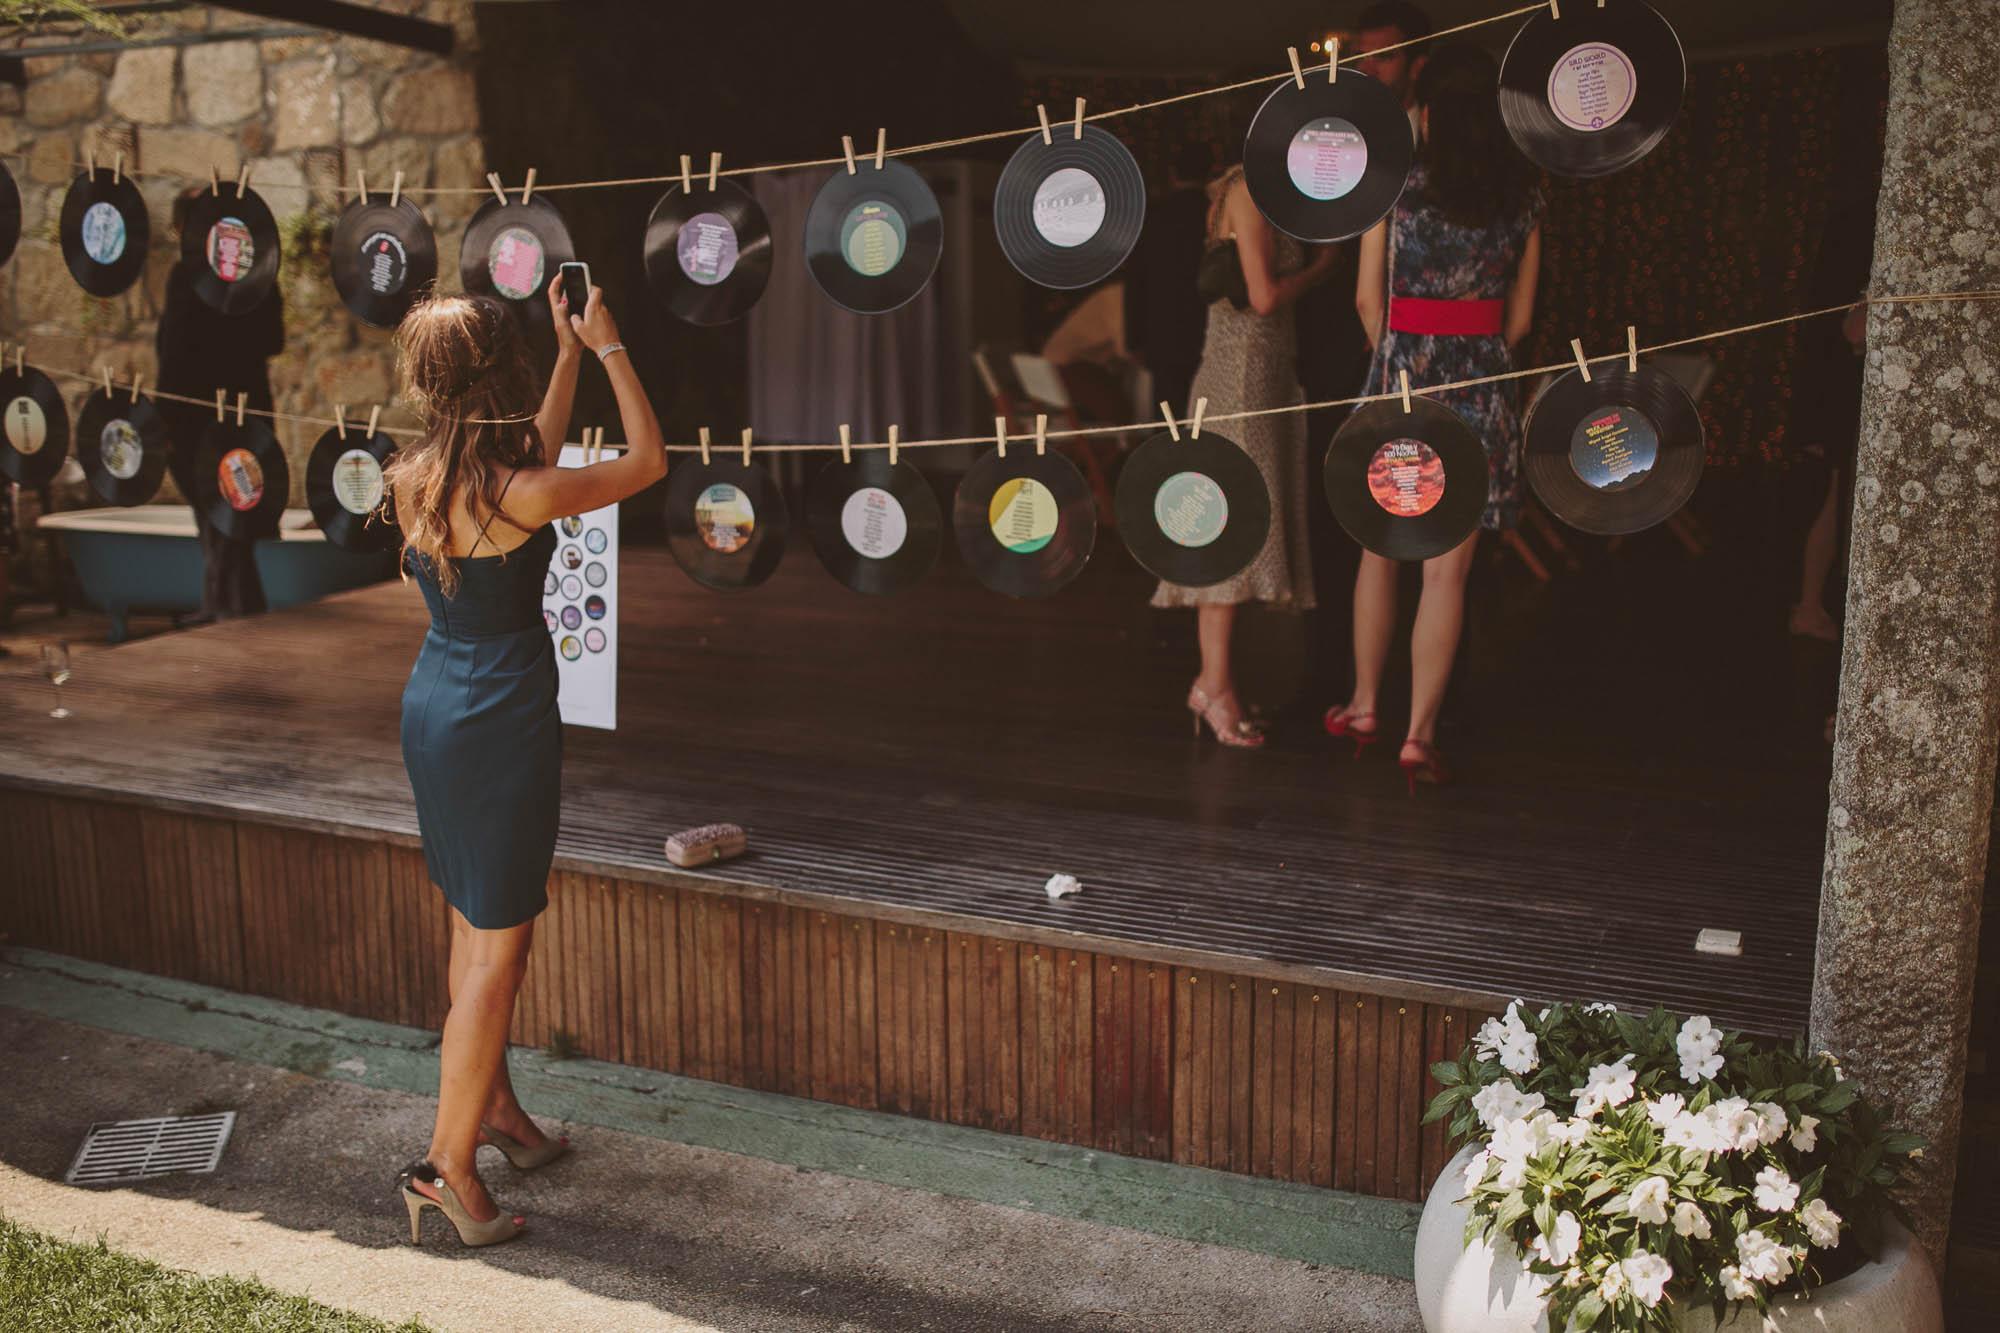 Una invitada fotografía los adornos de la boda